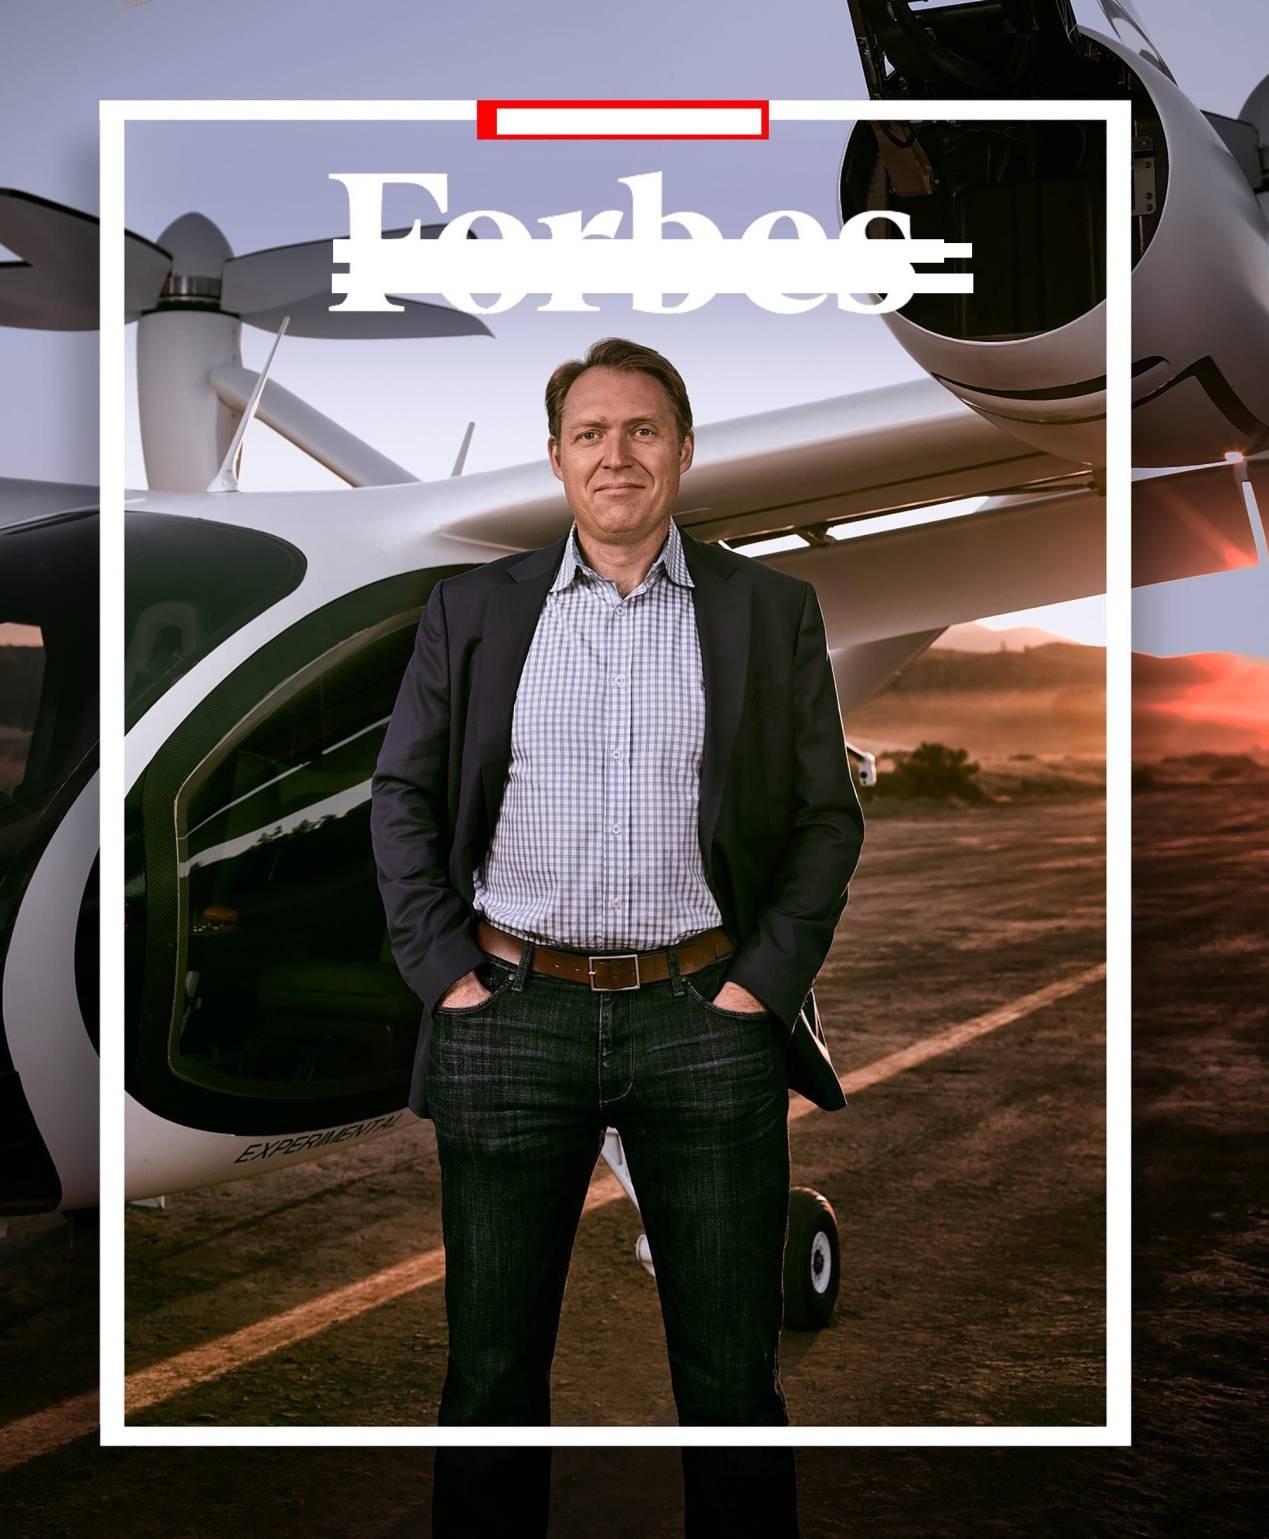 拥有10亿美元的他,3年要空中汽车布满天空,背后推手是丰田?